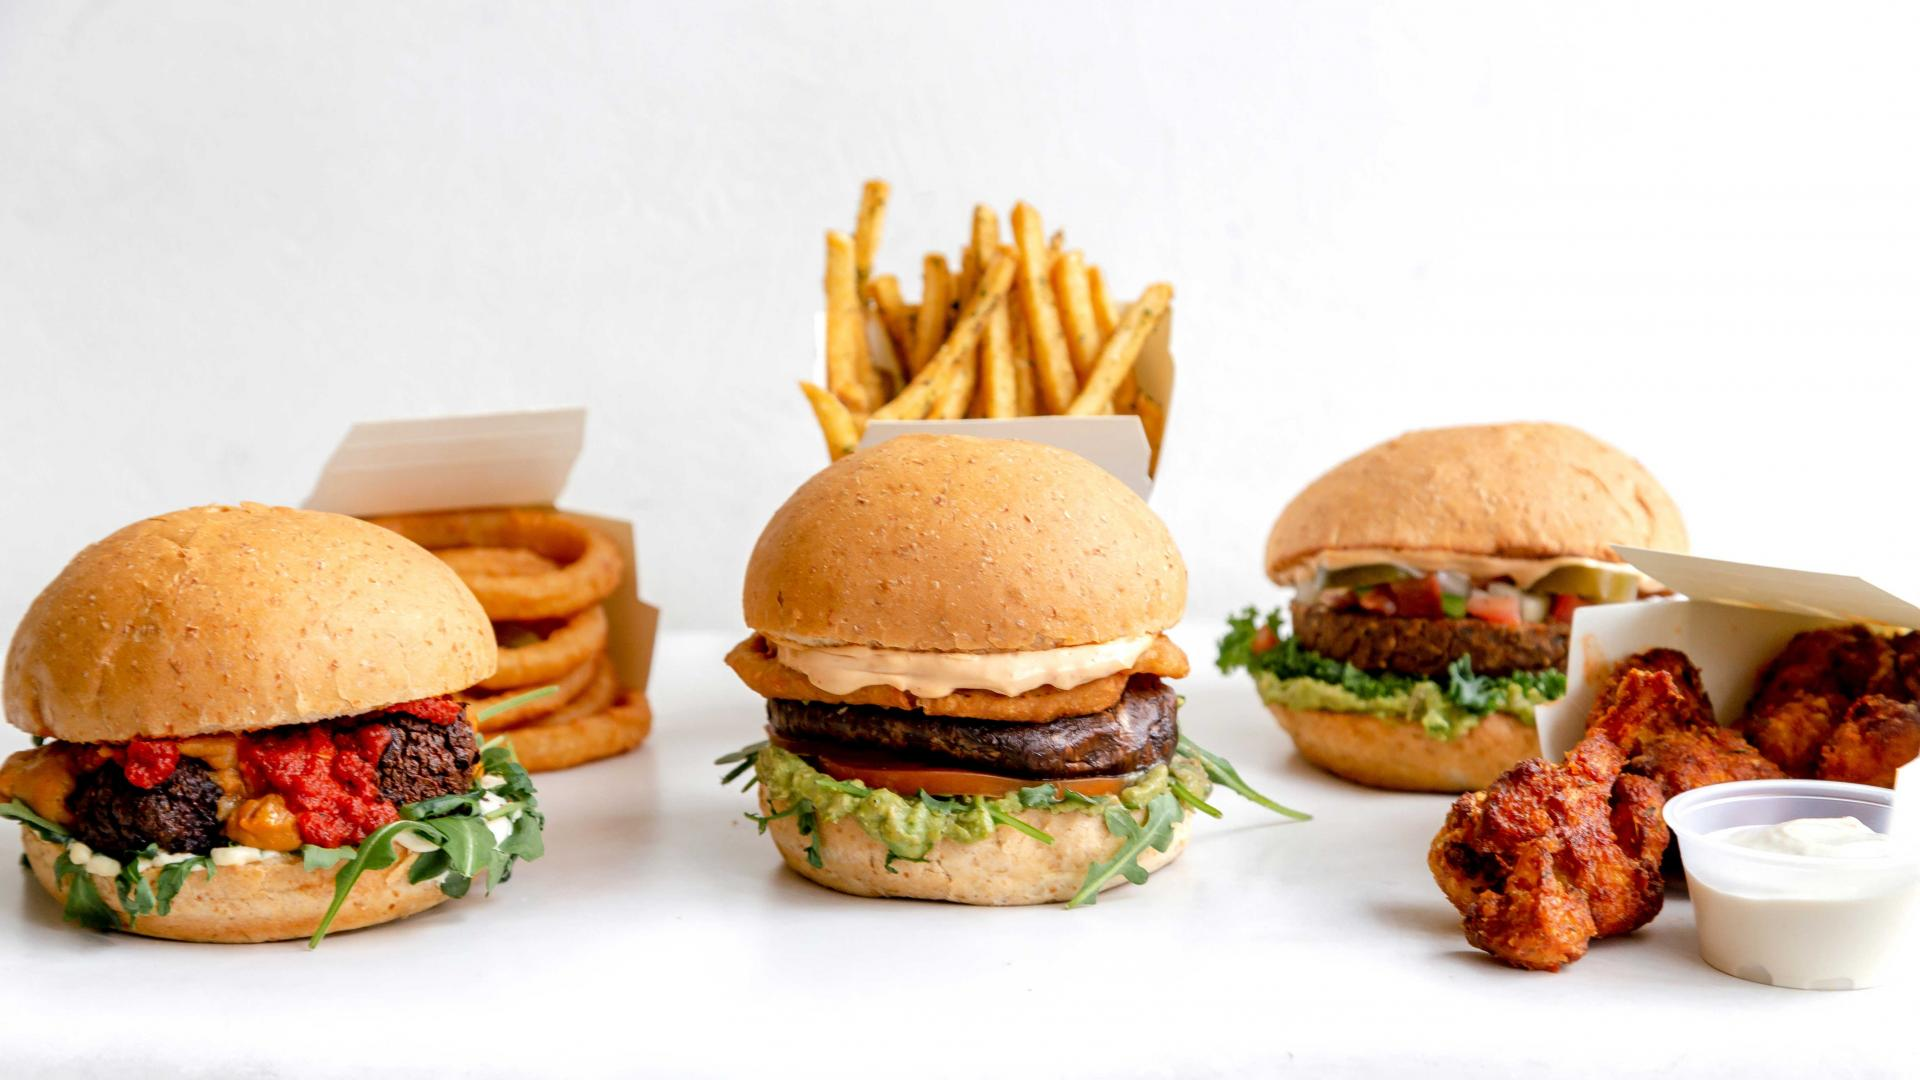 Toronto's best vegan restaurants | Parka's burgers